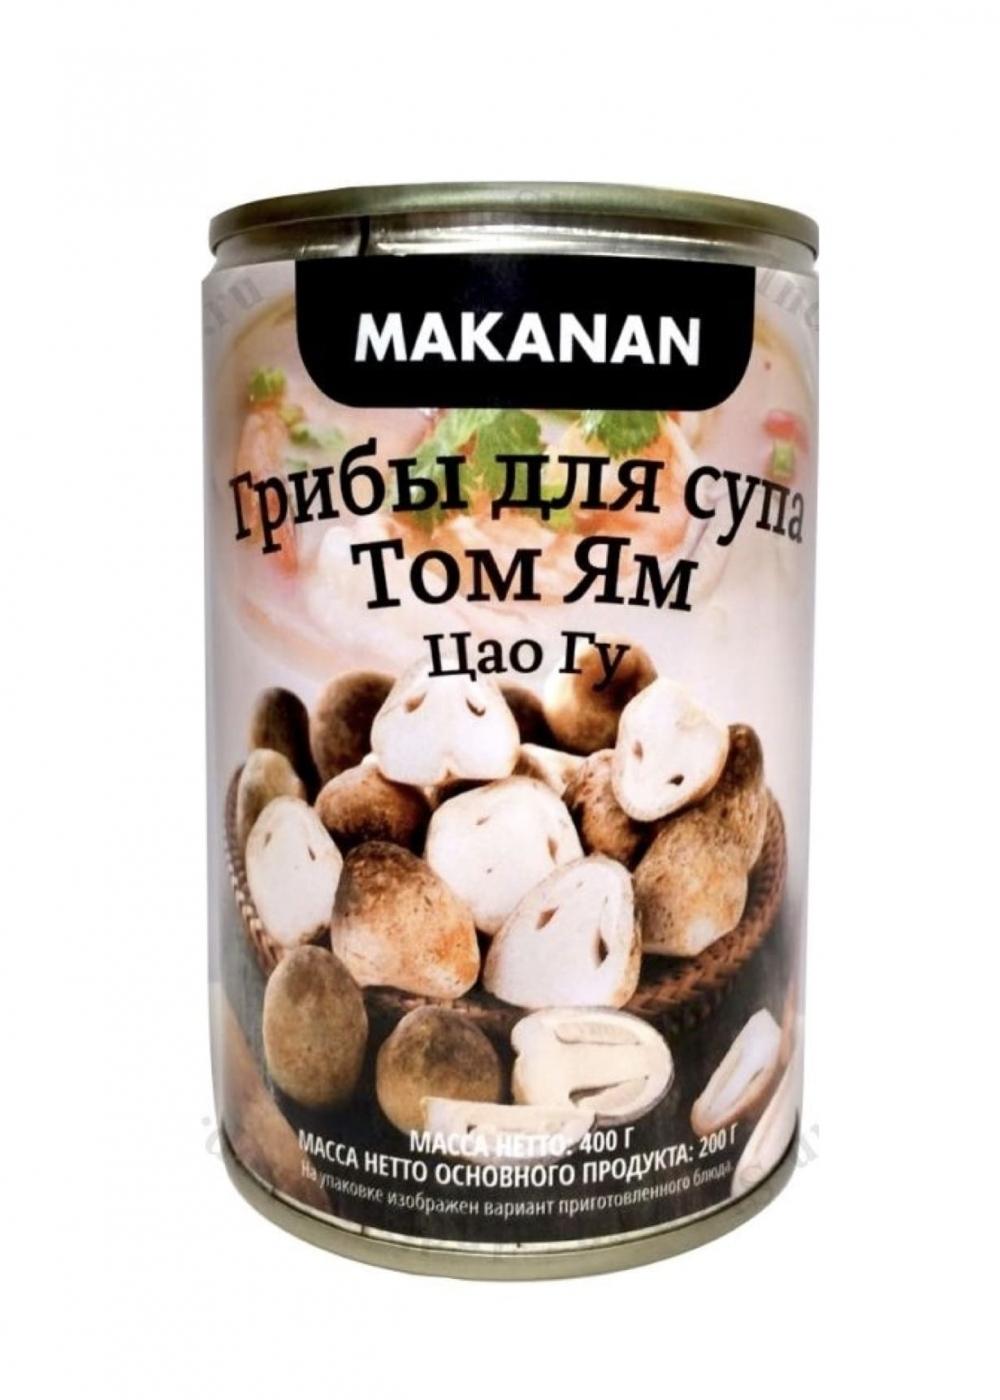 Грибы консервированные Цао Гу для супа Том Ям, Aroy-D, 400мл